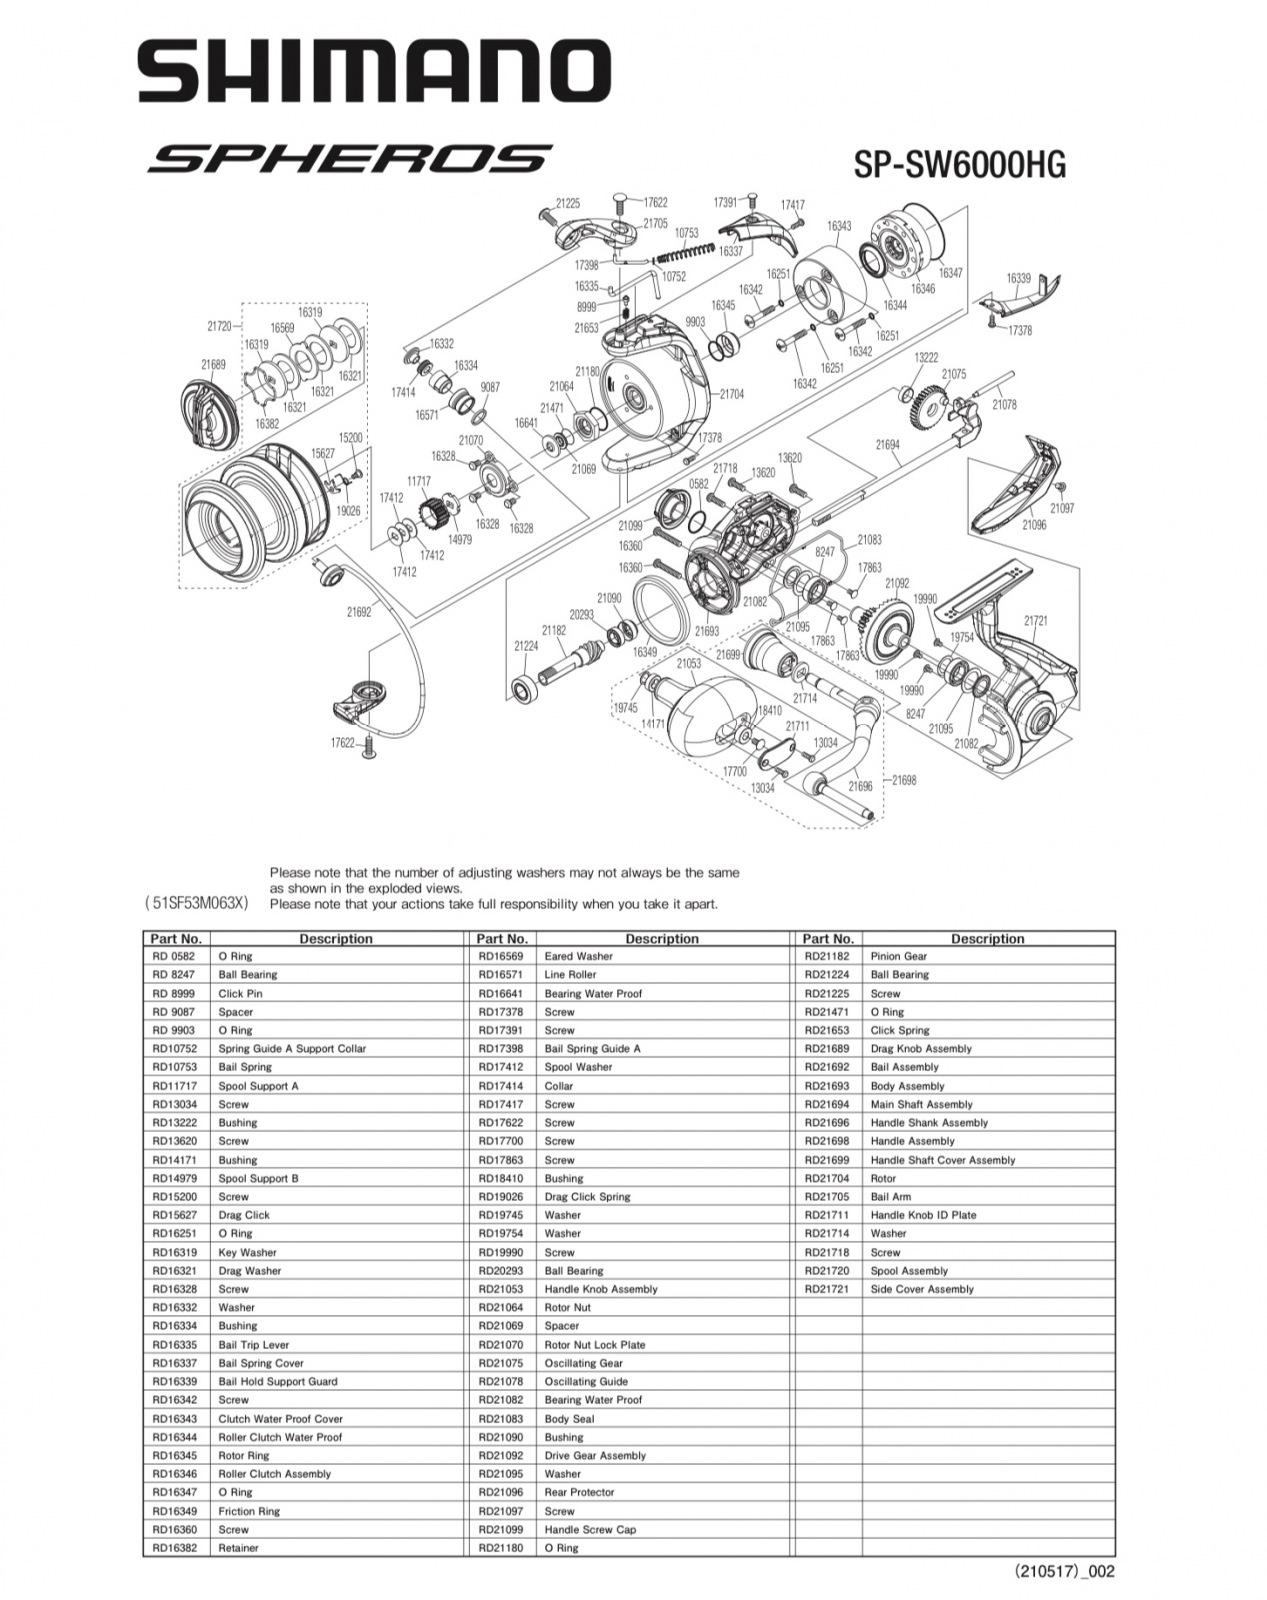 BAB4C6DF-E7FA-48EE-AD89-60465993D437.jpeg